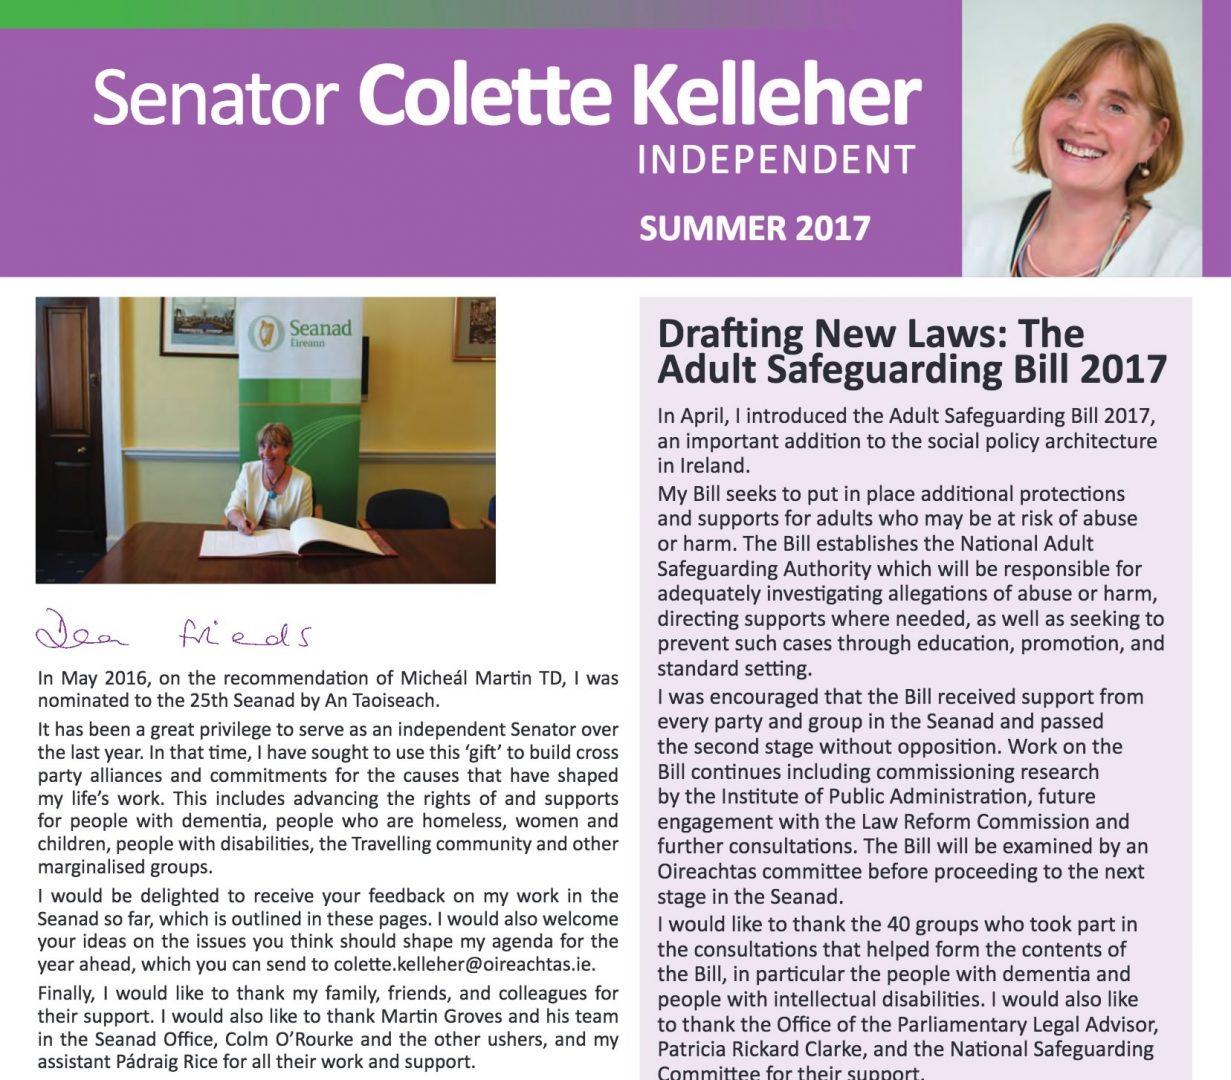 Colette Kelleher's Summer 2017 Newsletter